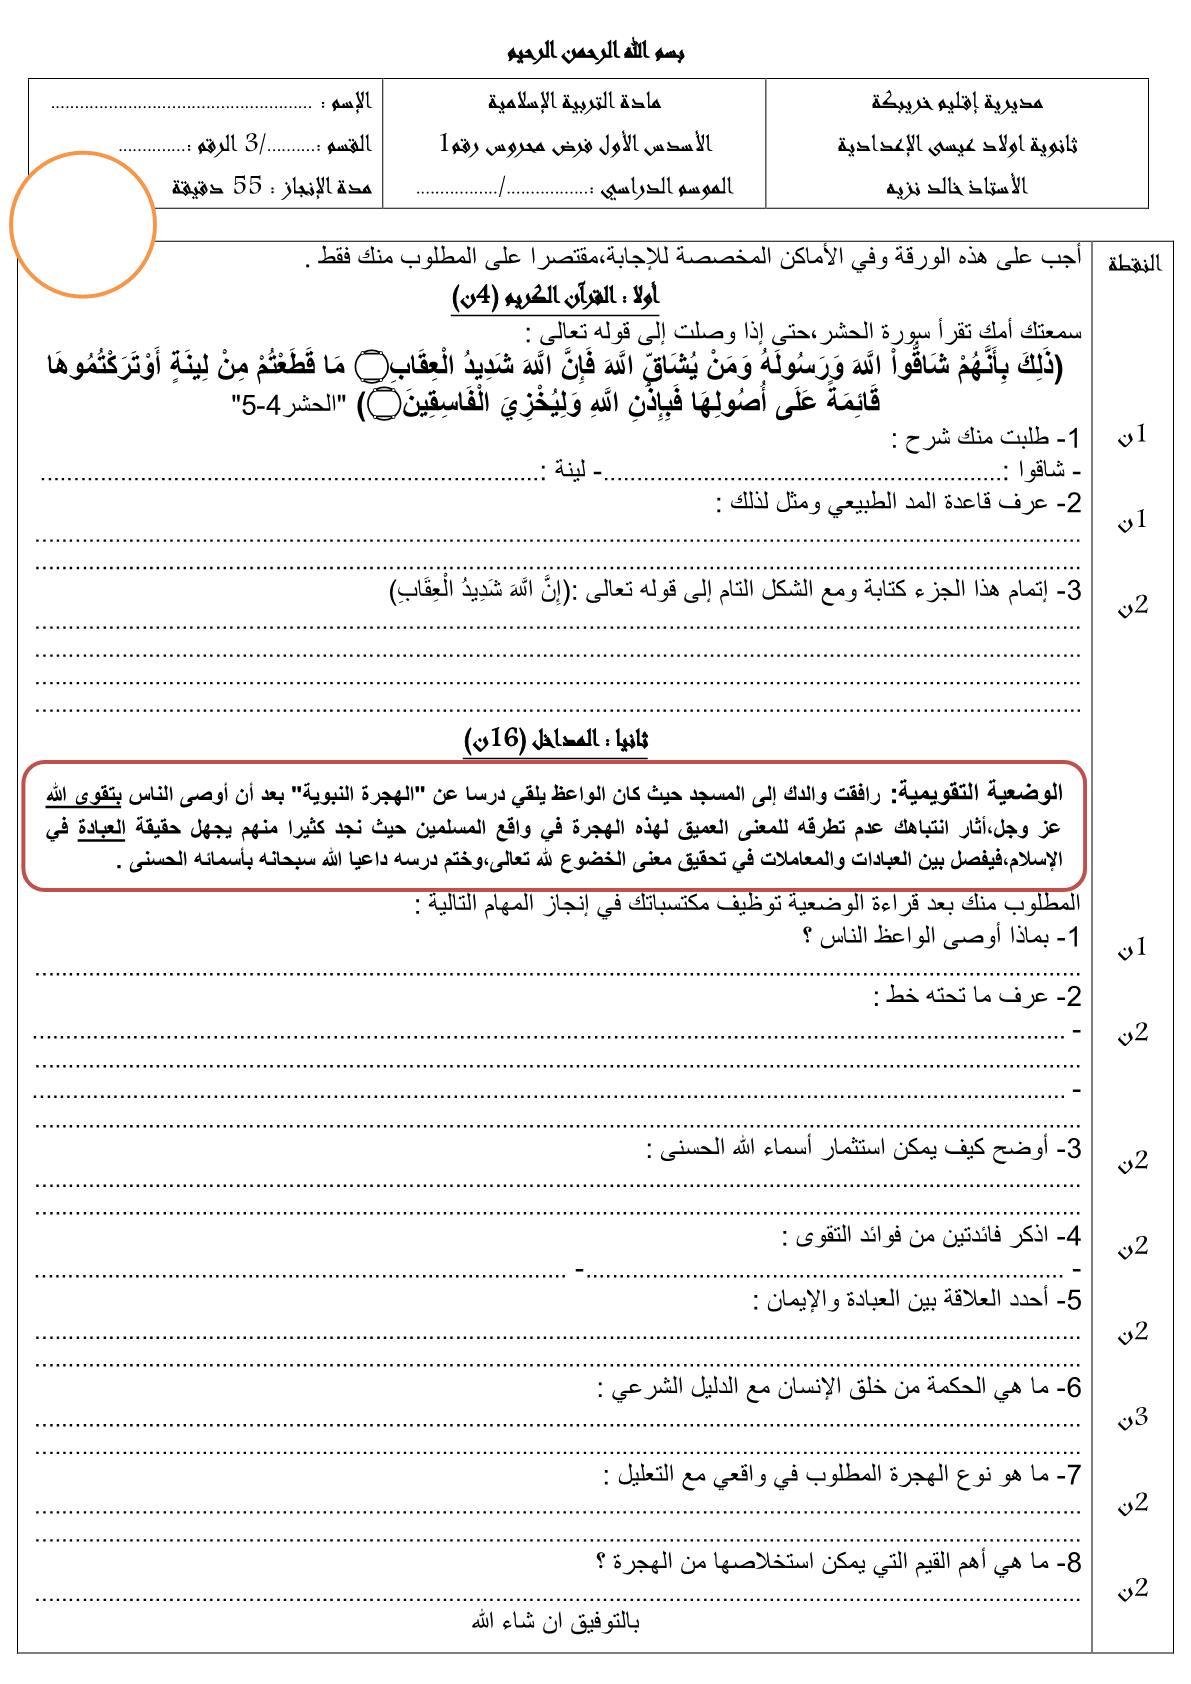 الفرض الثالث مادة التربية الاسلامية للسنة الثالثة اعدادي